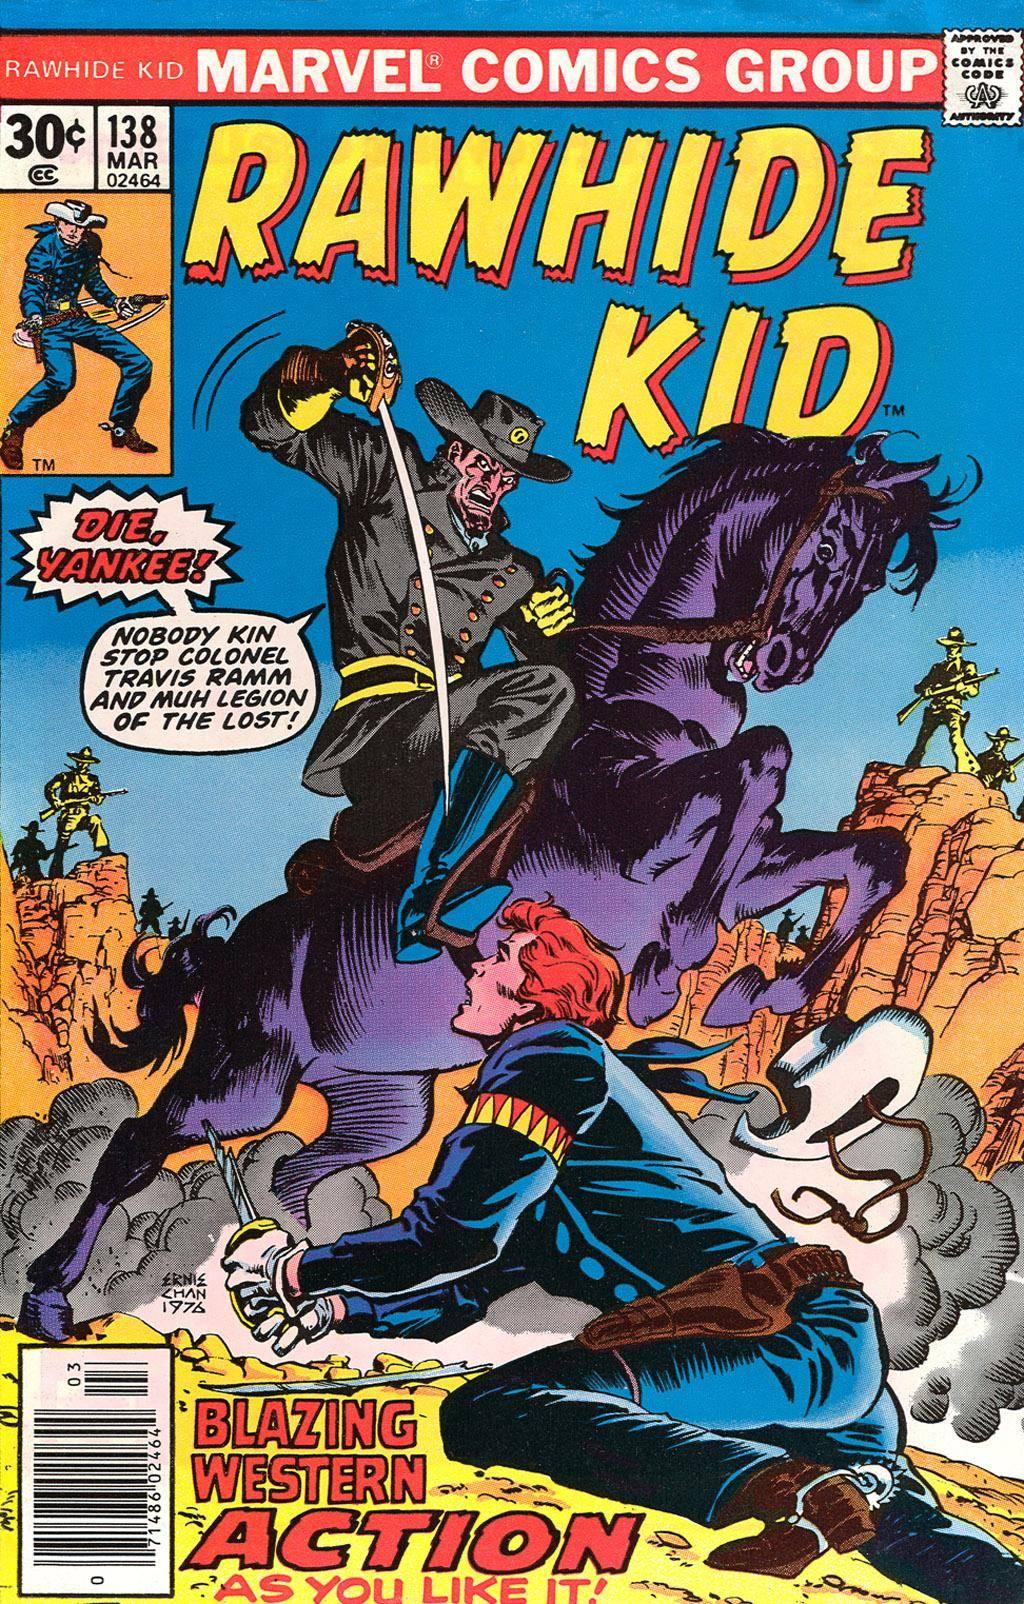 Rawhide Kid v1 138 1977 Brigus